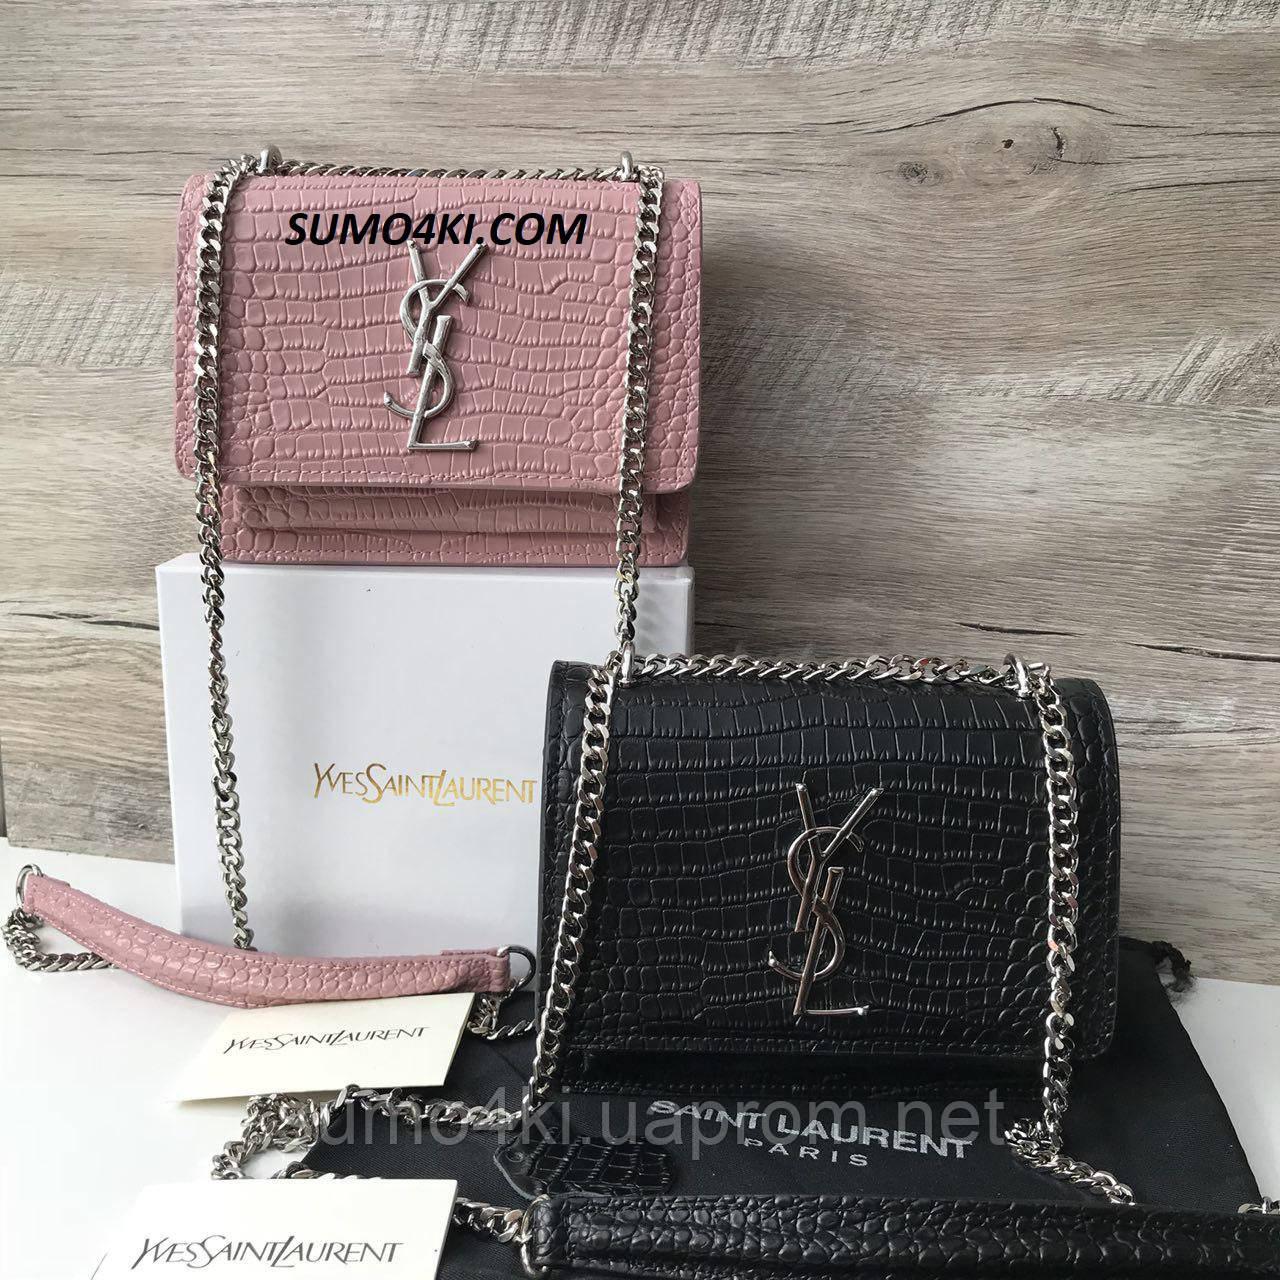 Купить Женскую кожаную сумку Yves Saint Laurent оптом и в розницу в Одессе  ... 84f8d65bff3